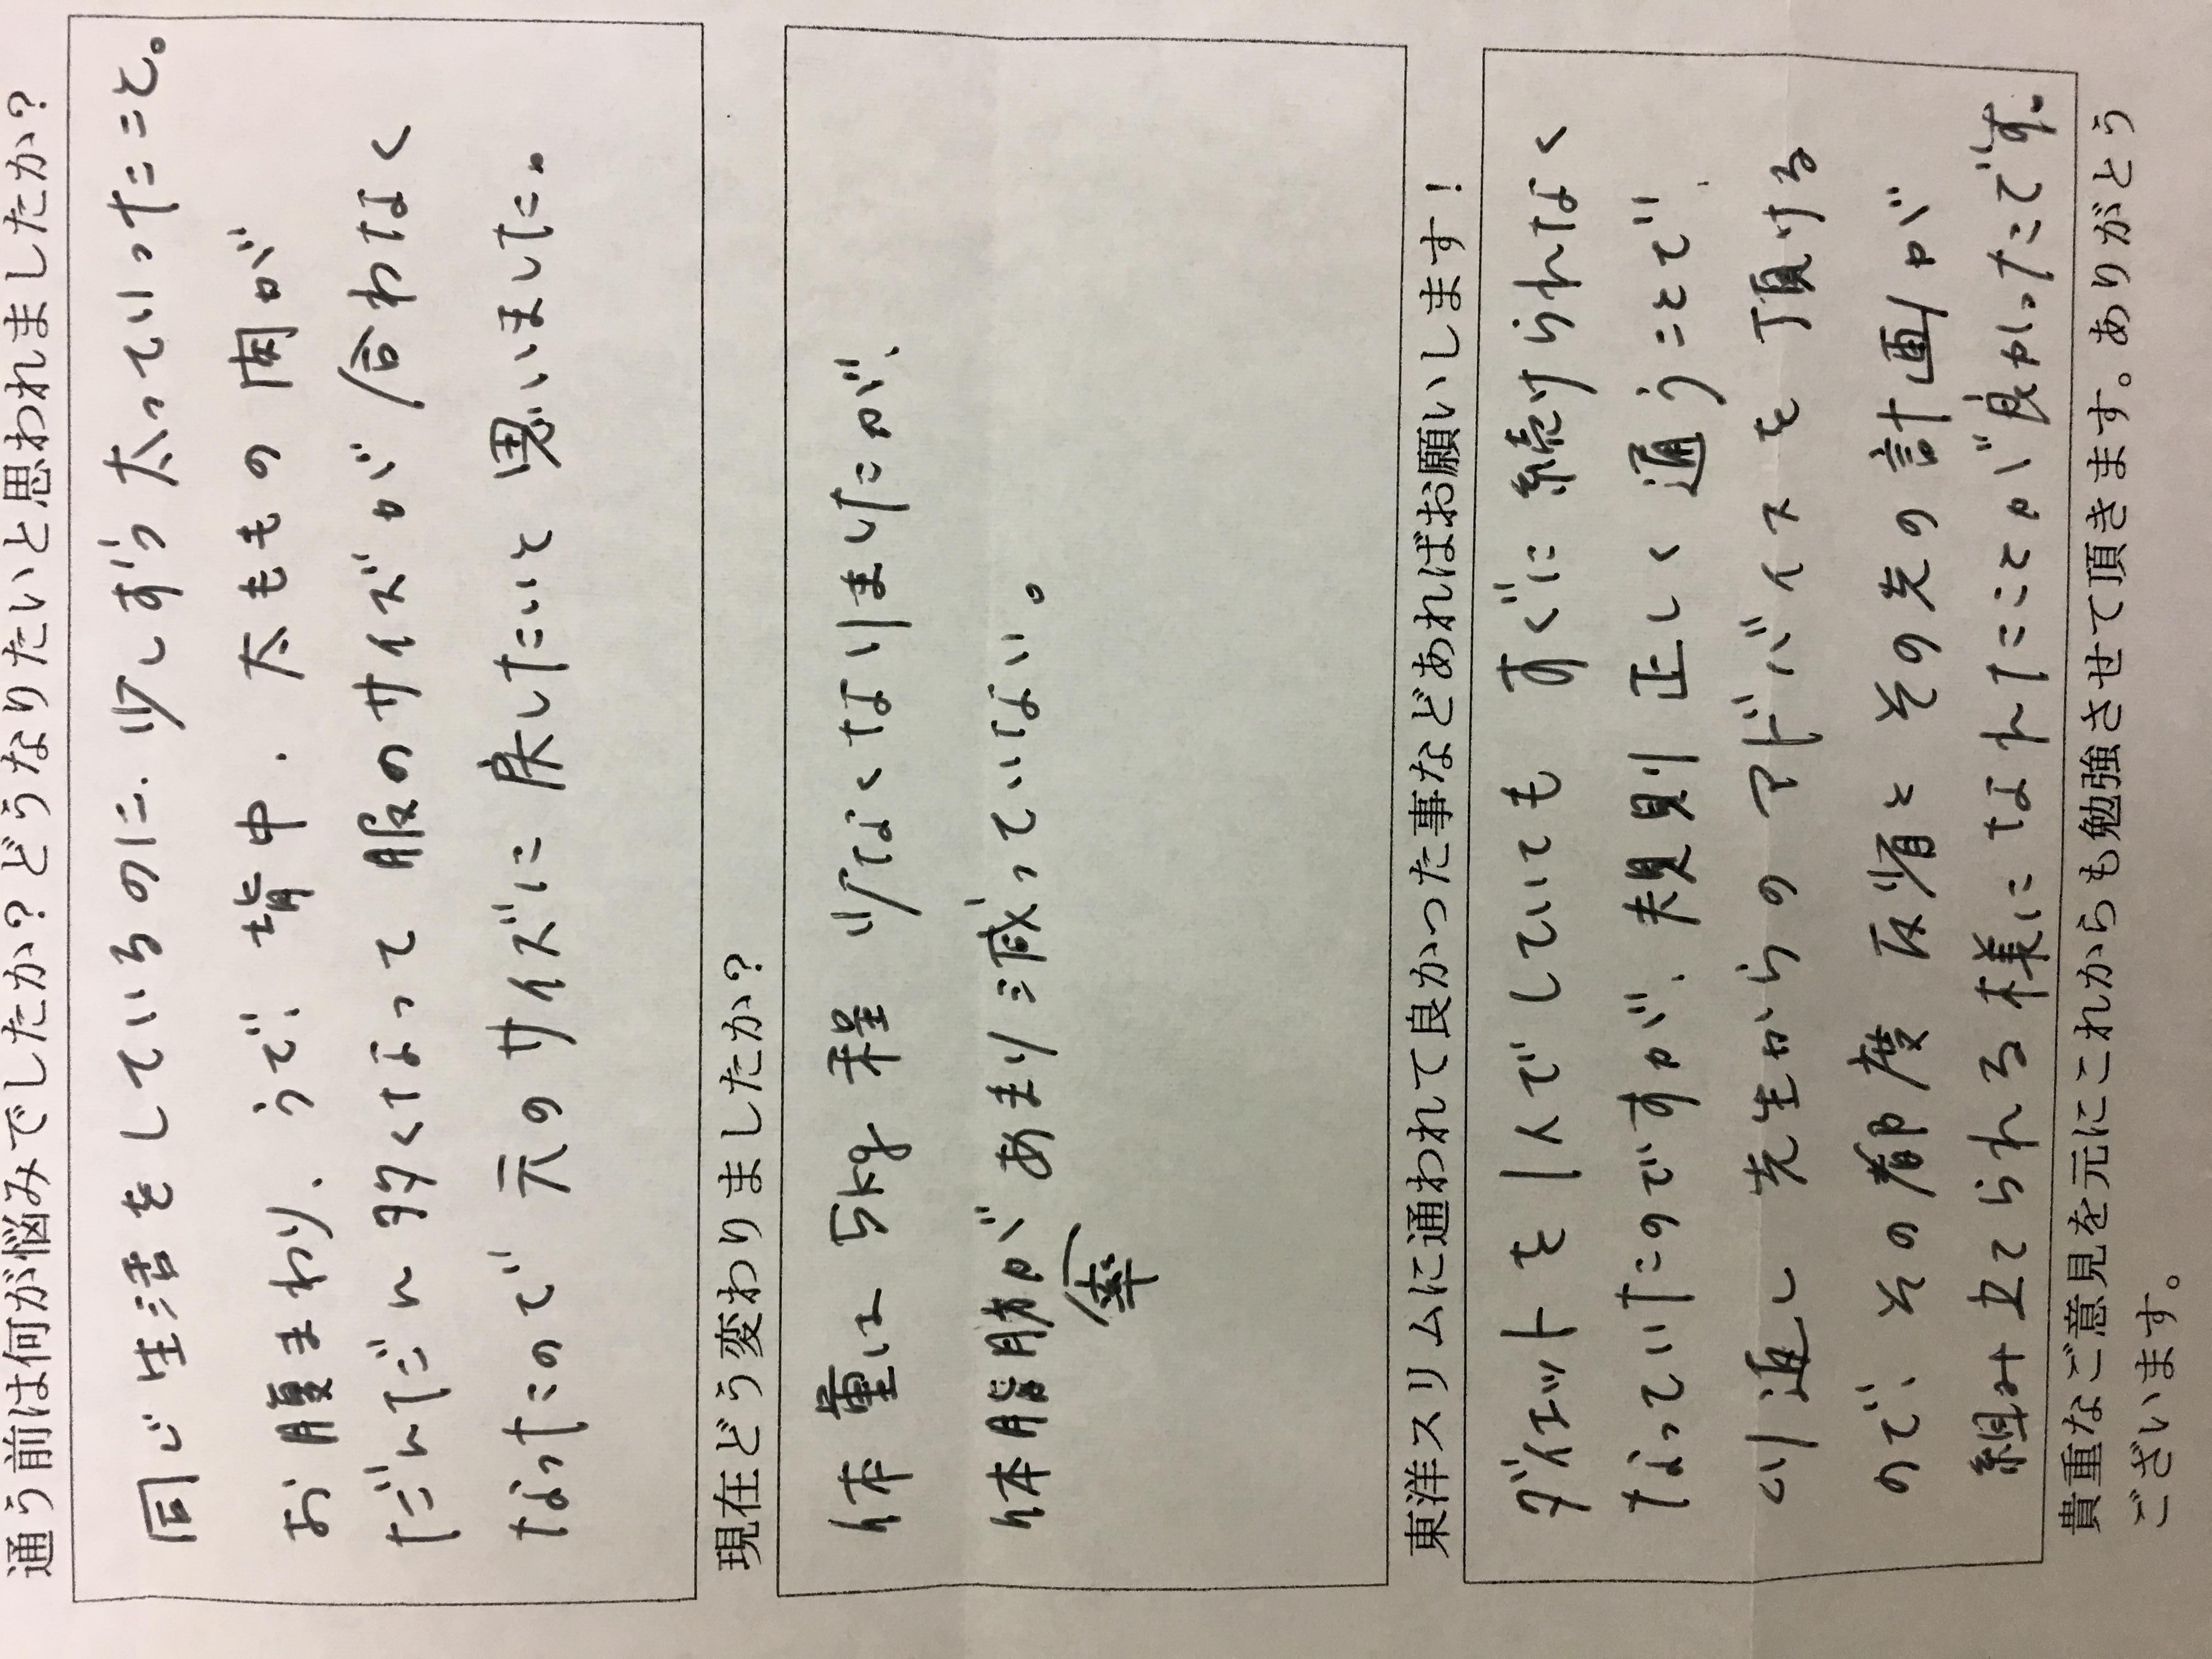 大阪府八尾市Hさん42才耳つぼダイエット-6kg成功。